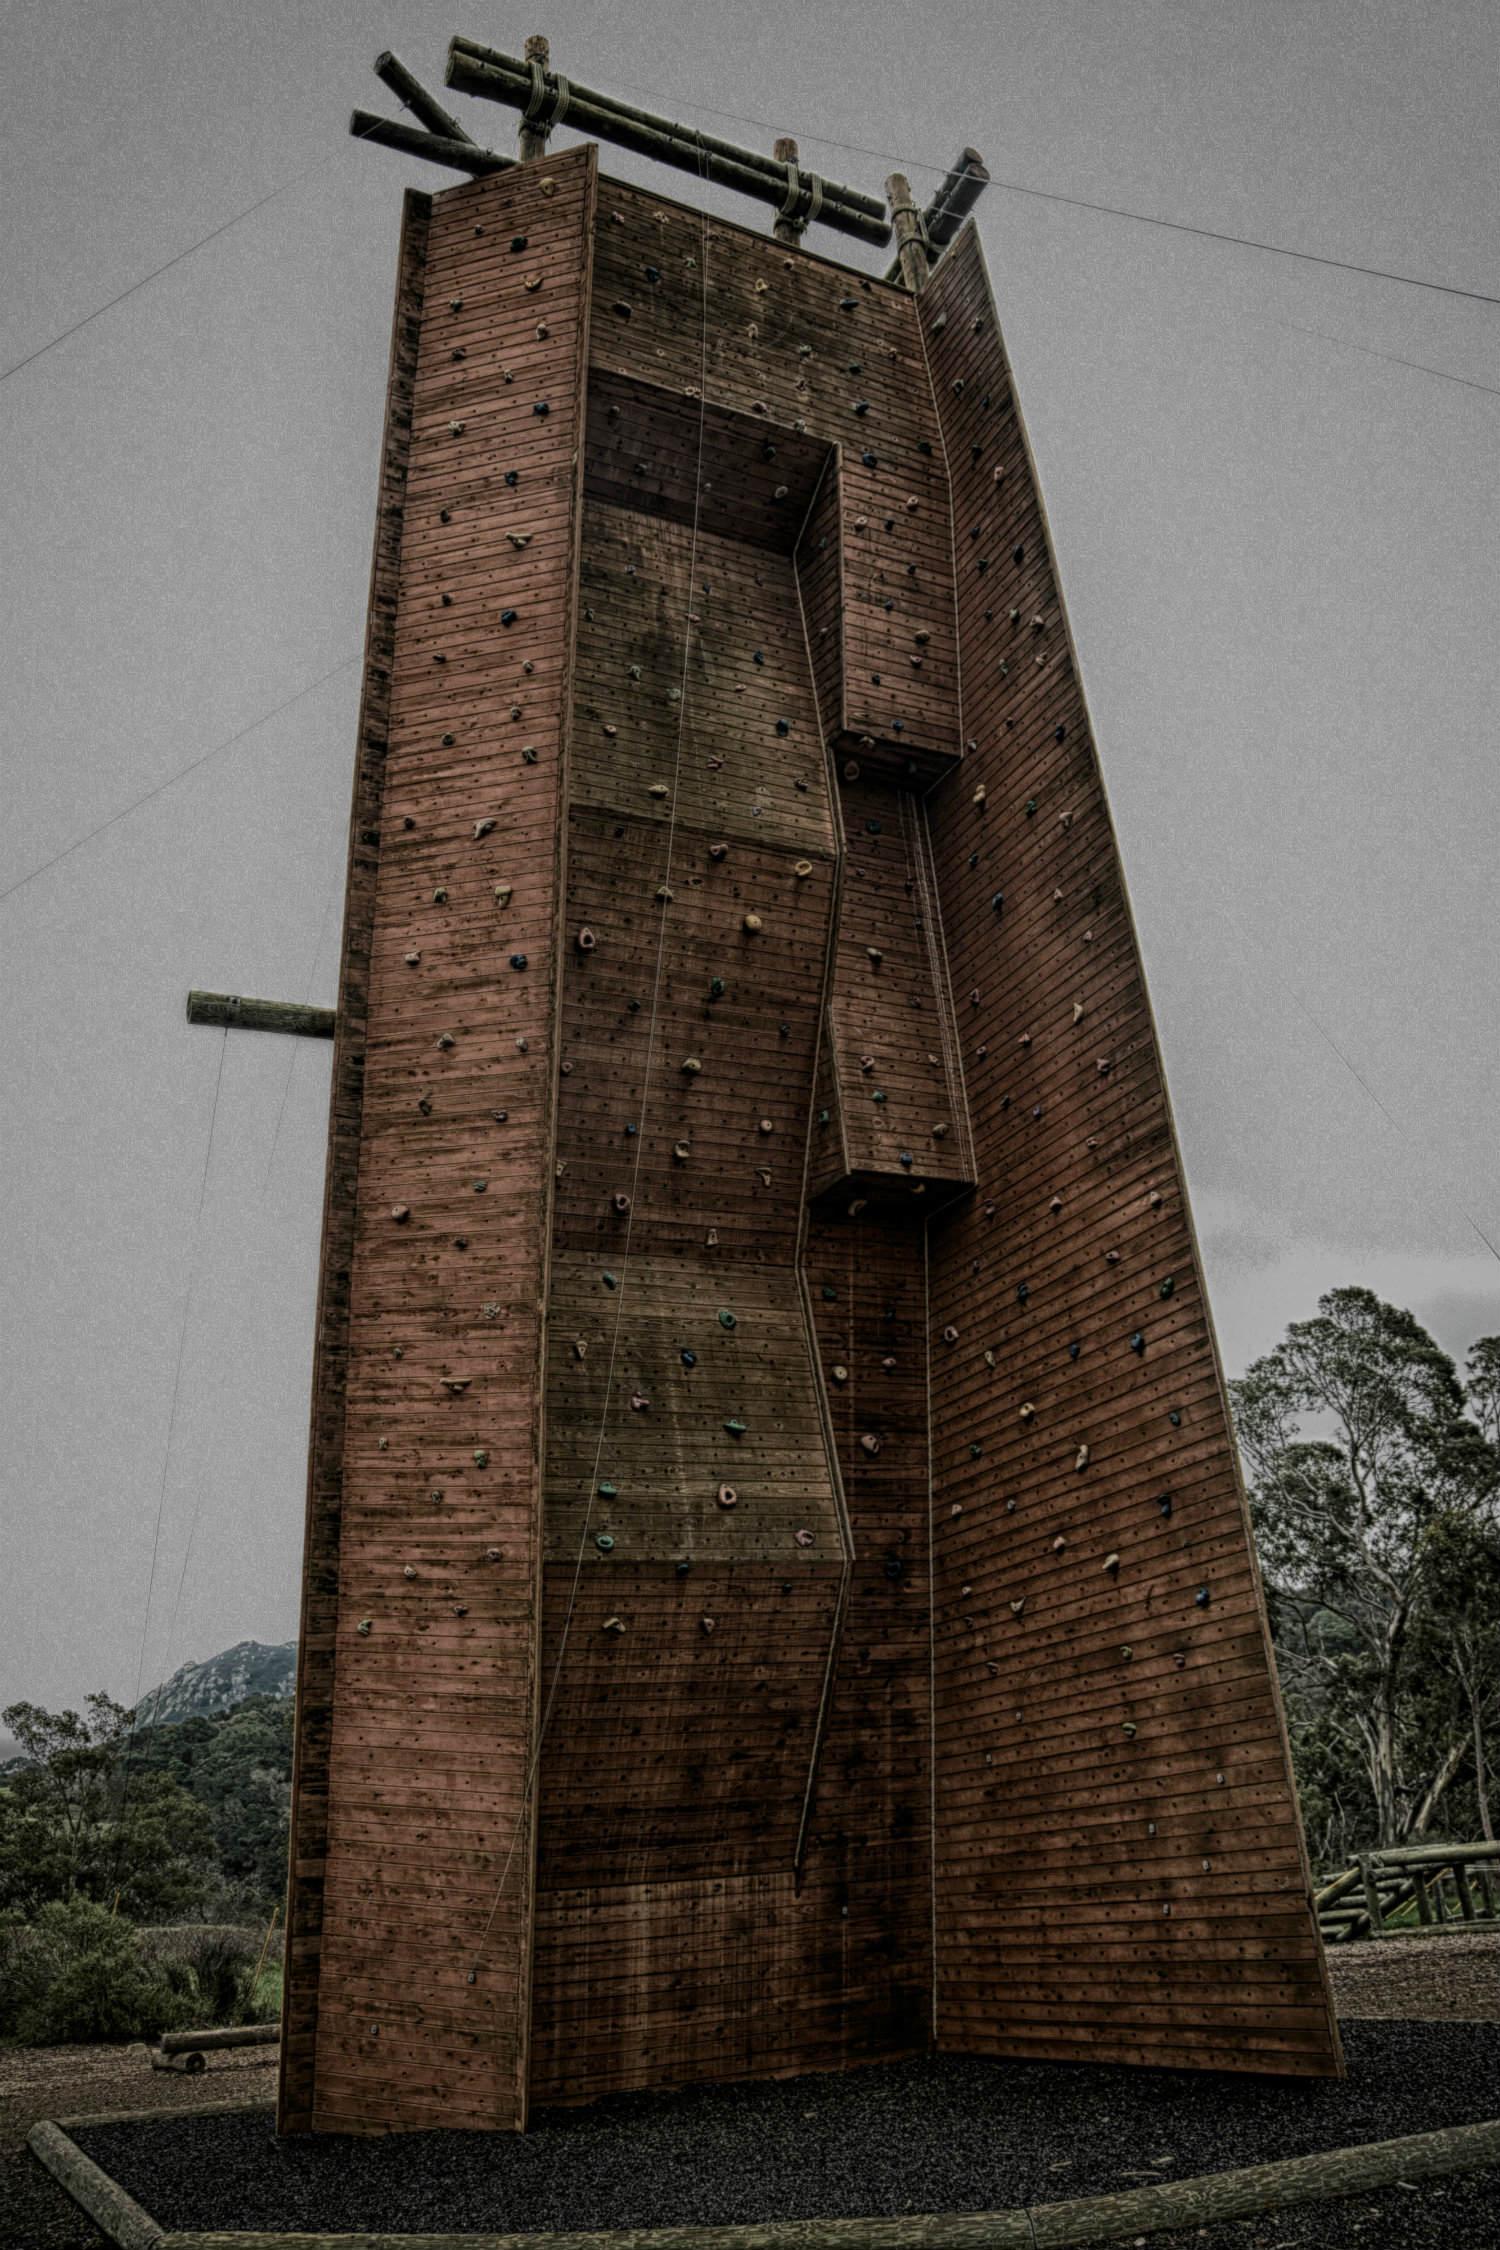 Tower_1 484KB.jpg